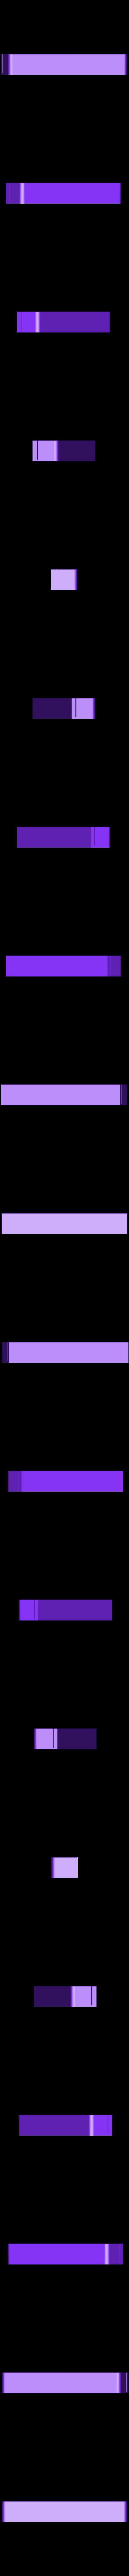 solderextras1.STL Télécharger fichier STL gratuit support de bobine de station à souder et extras • Design pour imprimante 3D, rubenzilzer